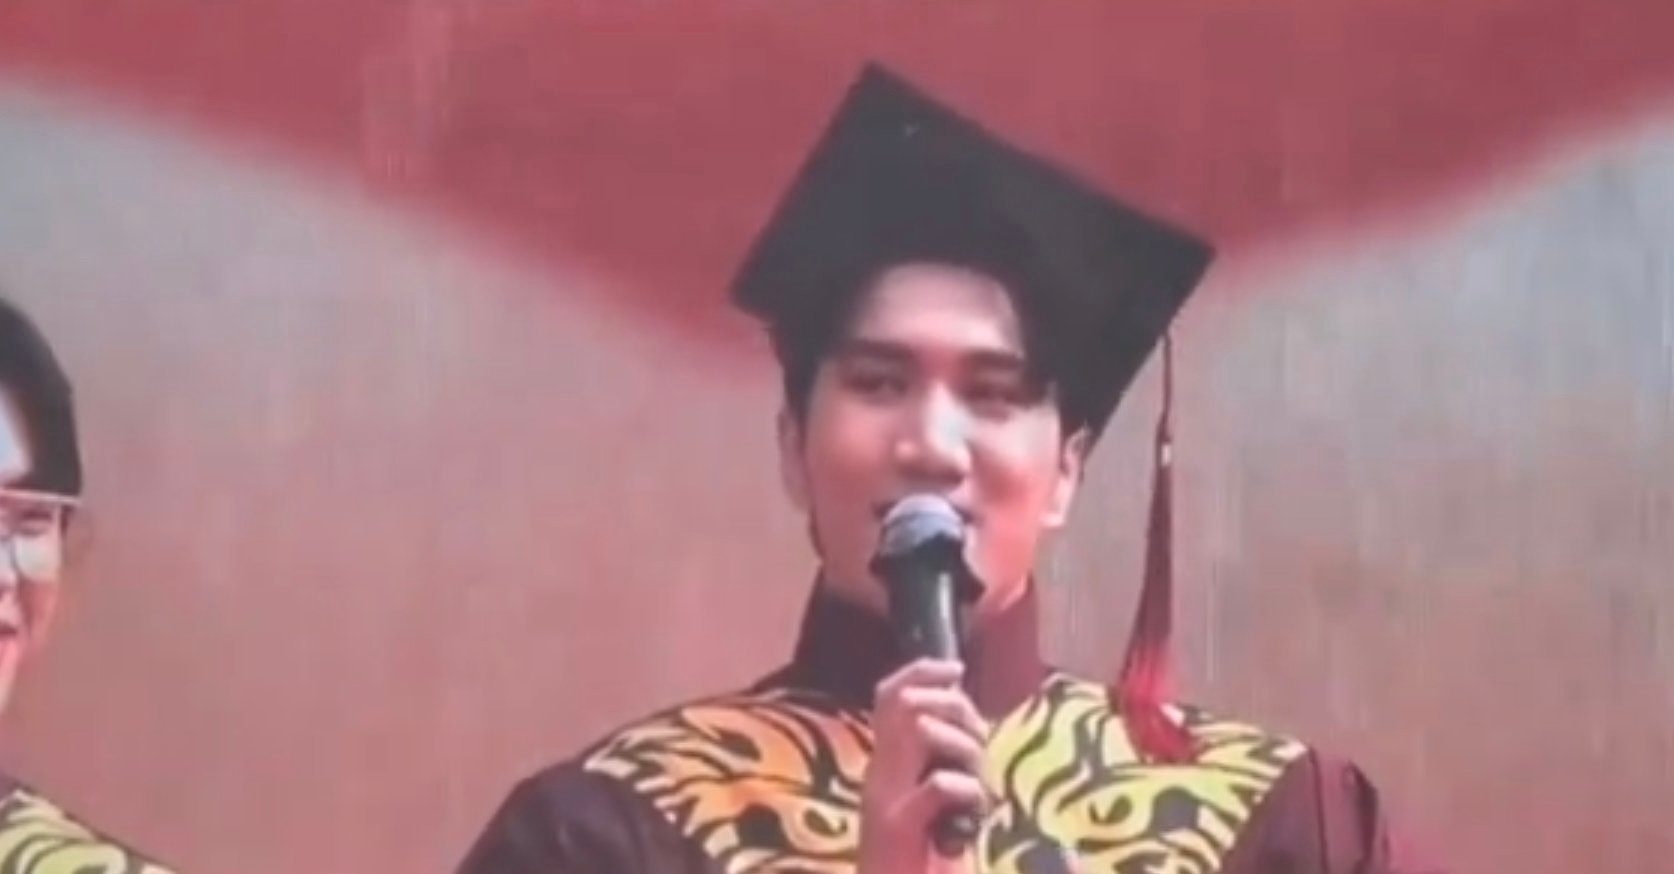 韩美娟拍毕业照的表情管理太绝了 不愧是创造营出来的学员